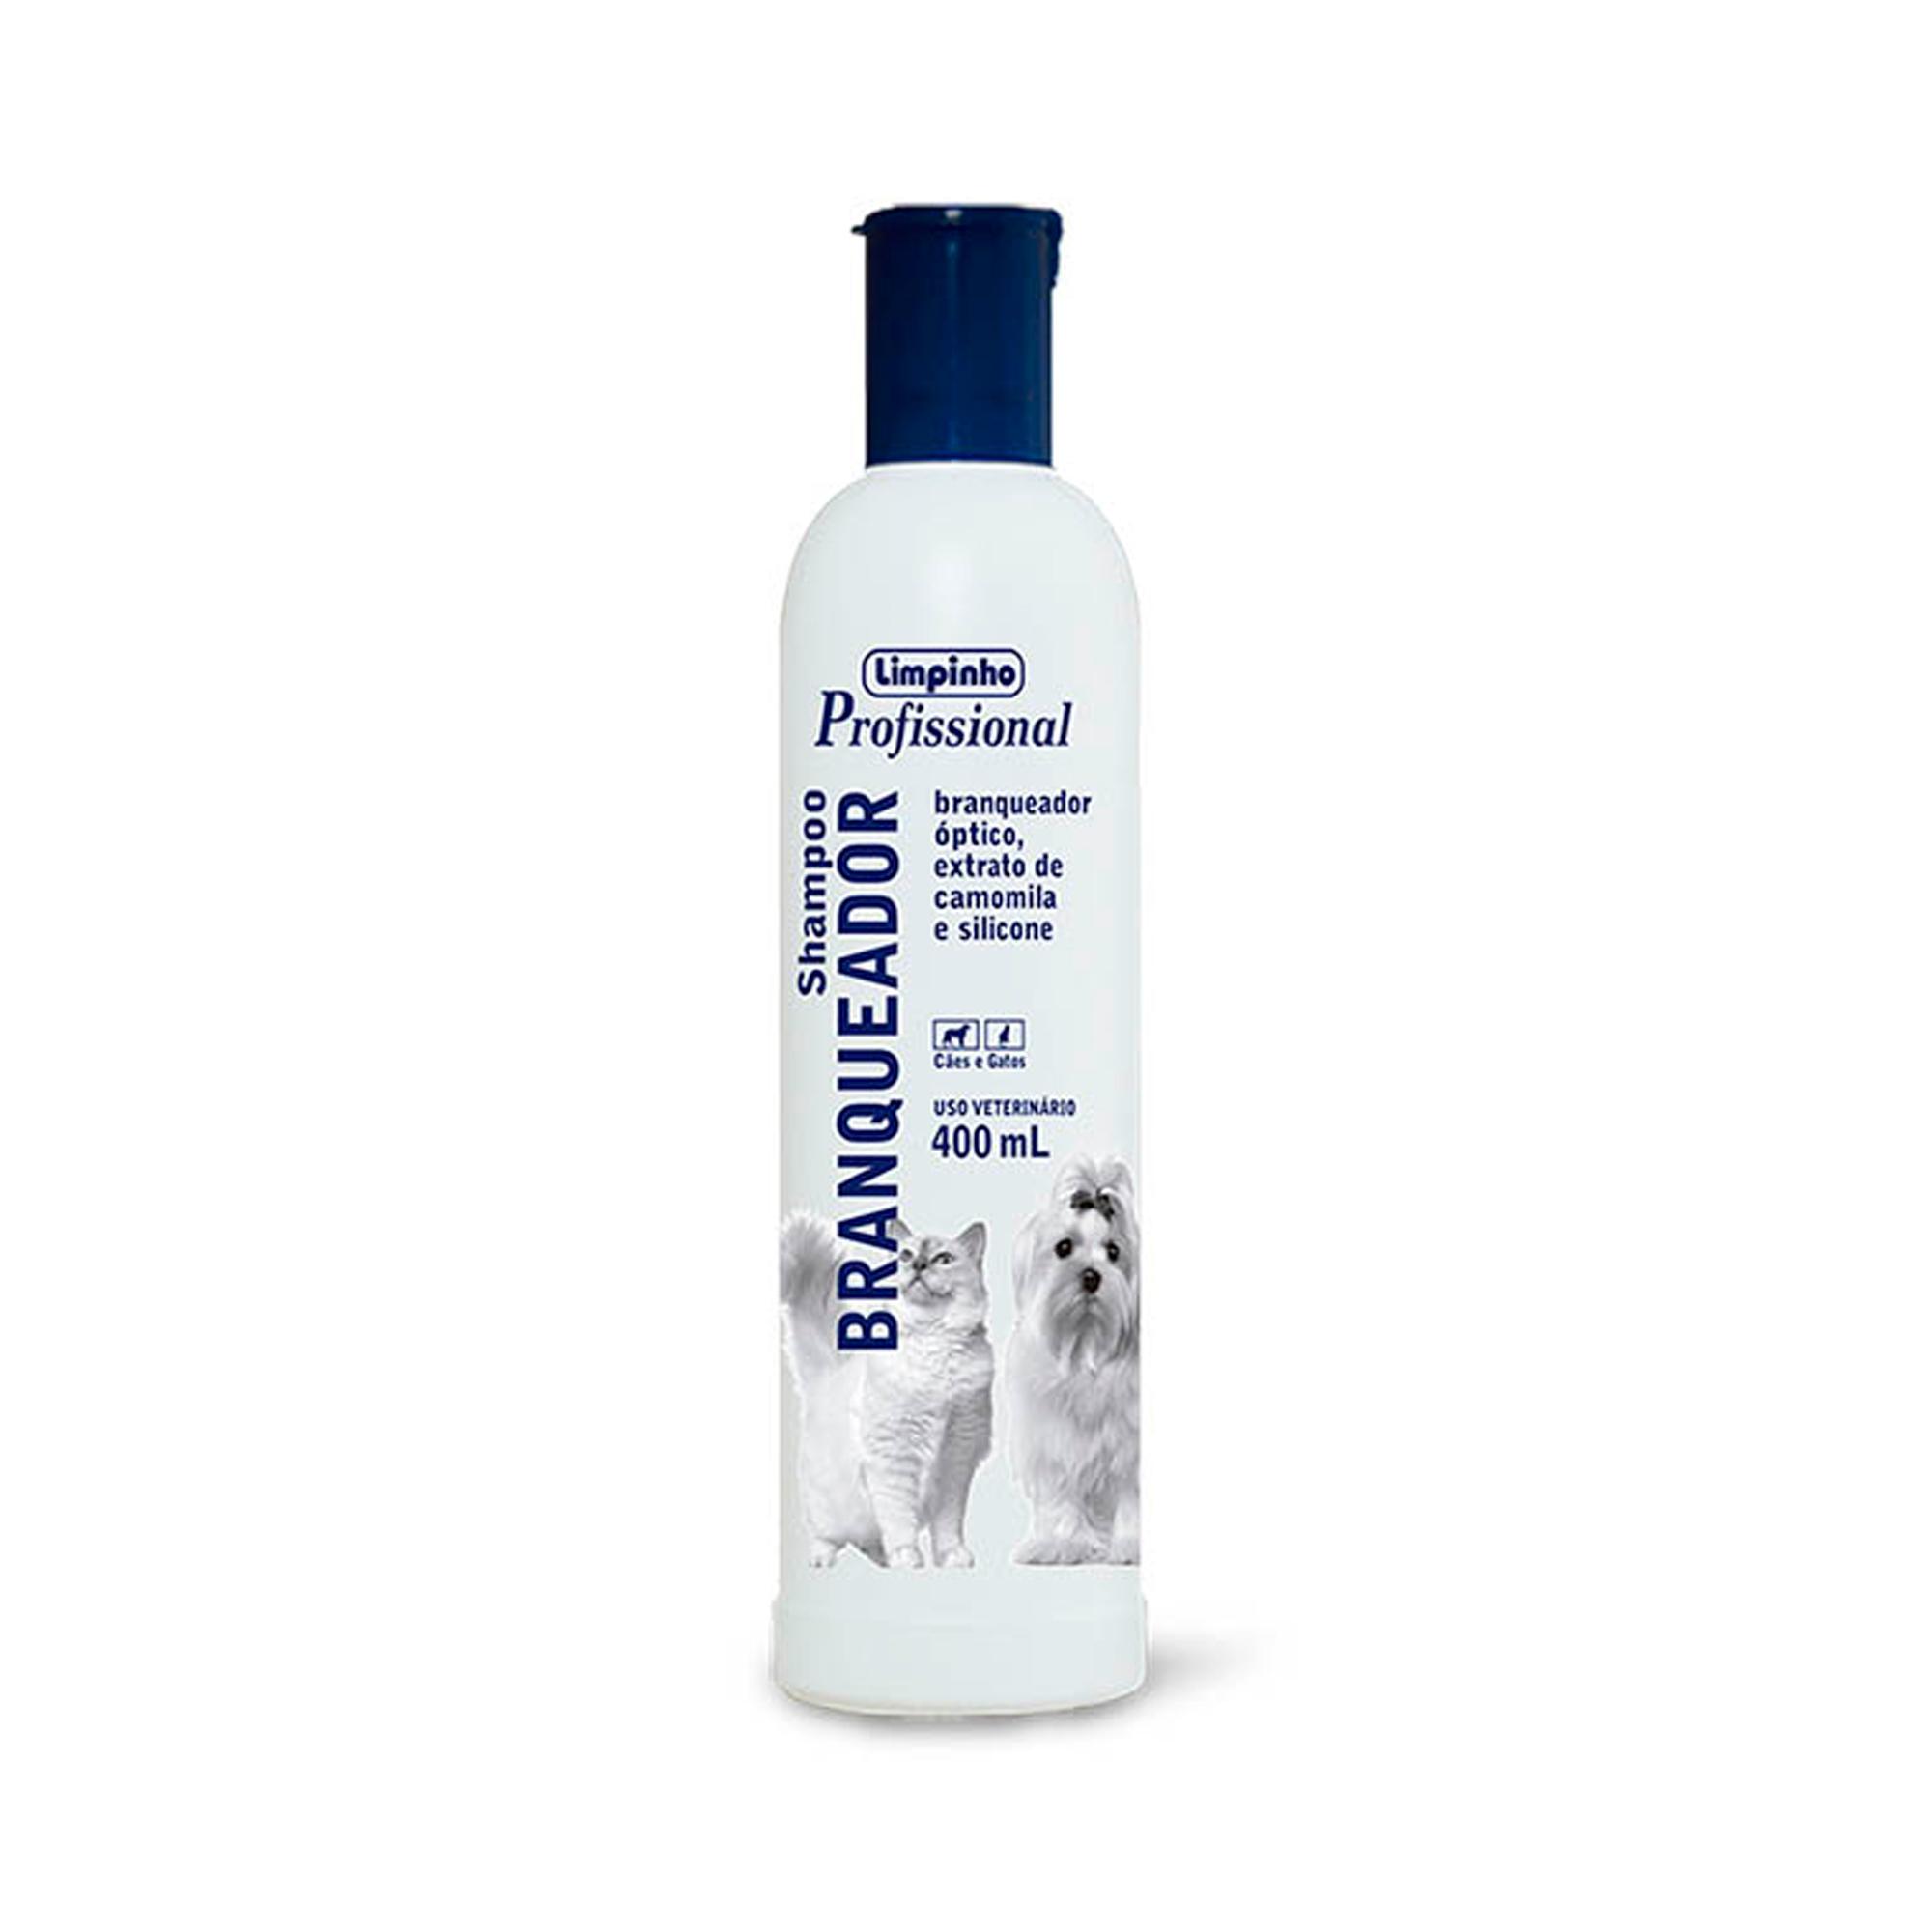 Shampoo Profissional Branqueador Limpinho 400ml